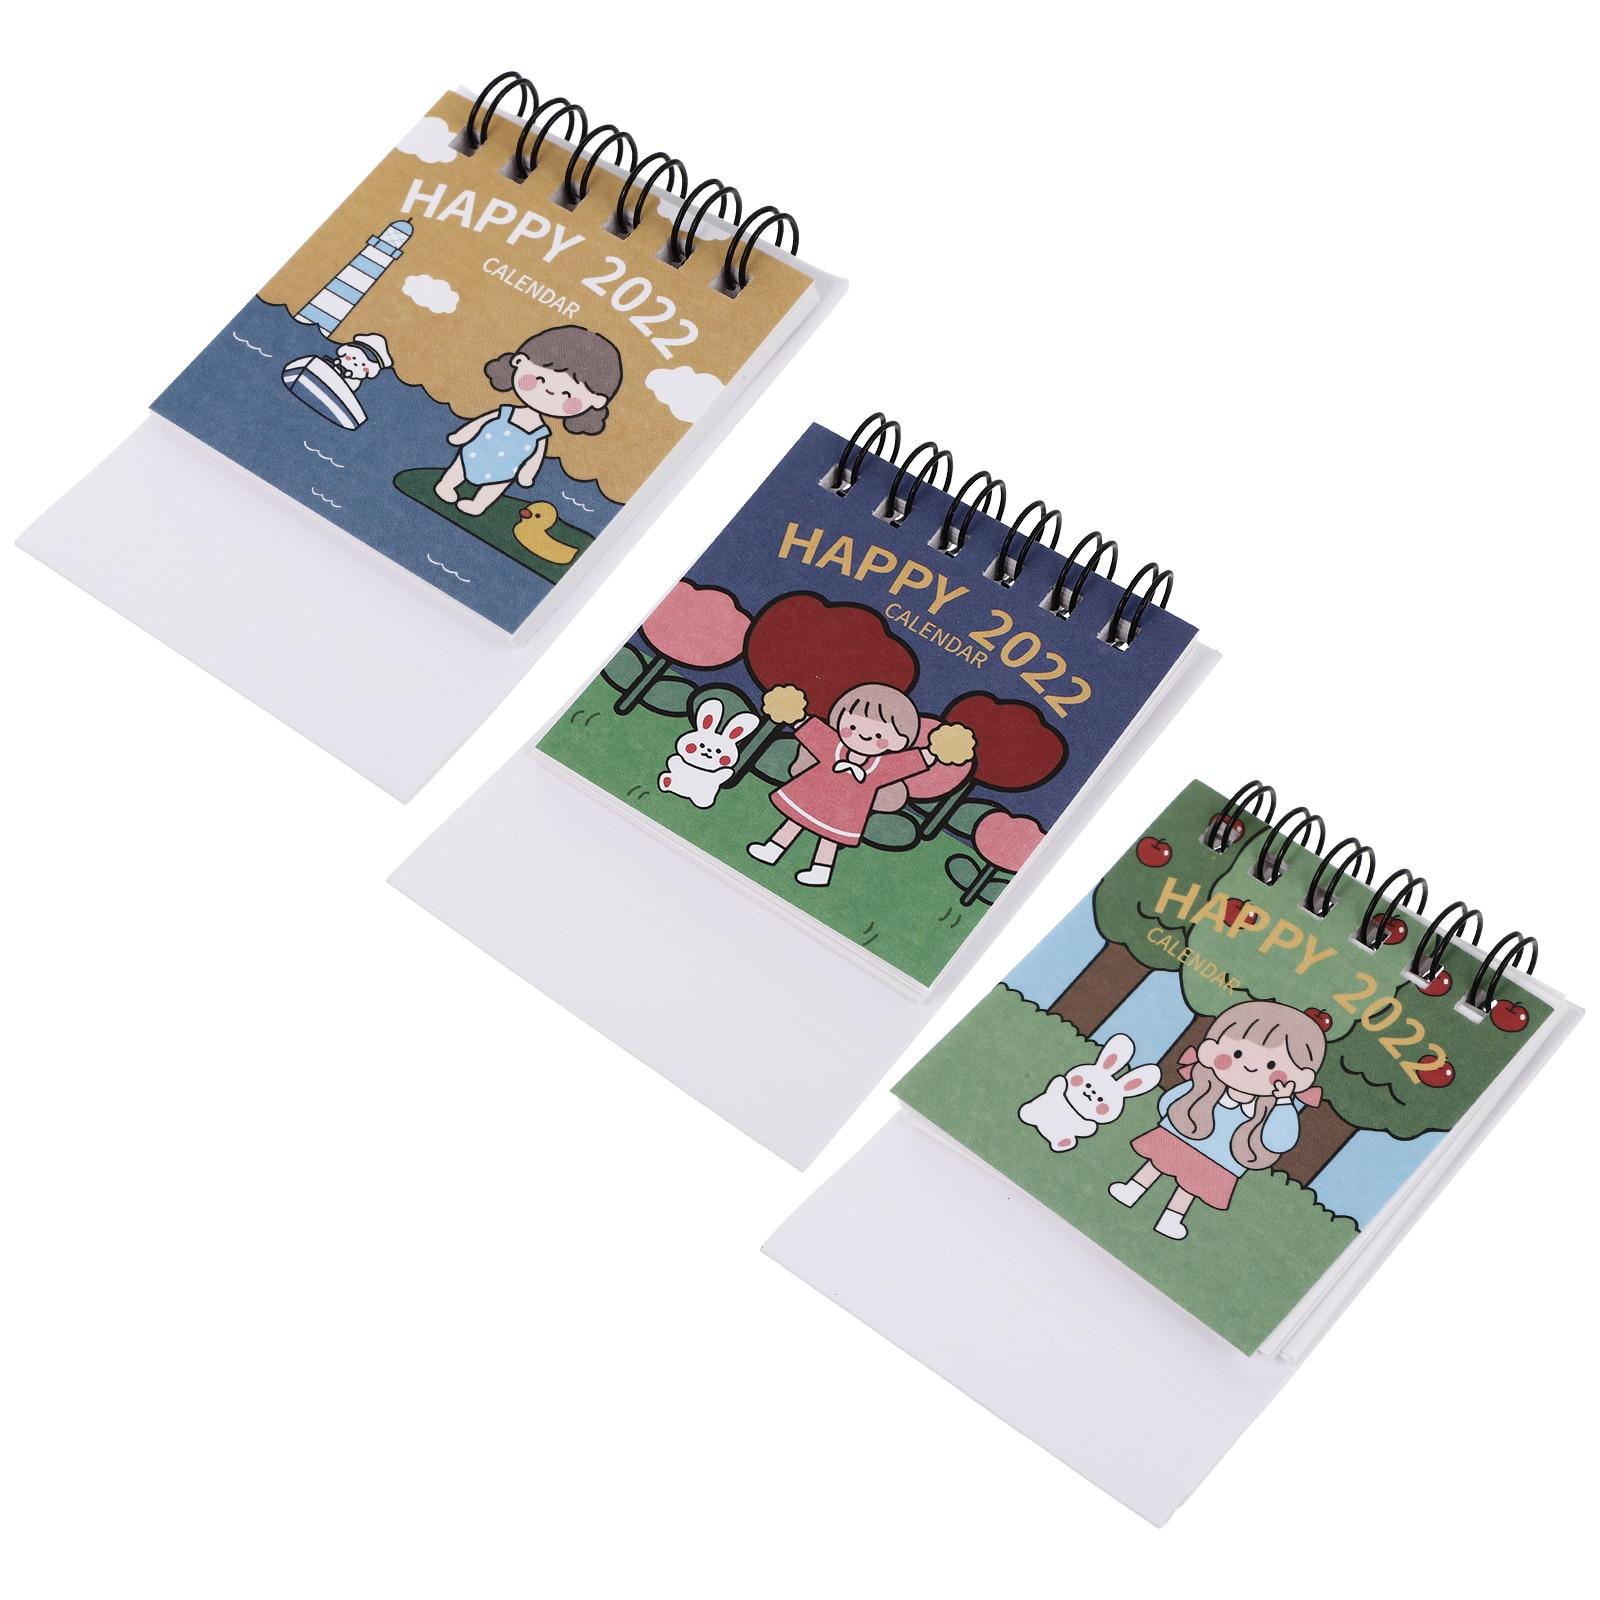 6 шт., настольные календари 2022, ежемесячные календари, планировщик, календари (разные цвета)